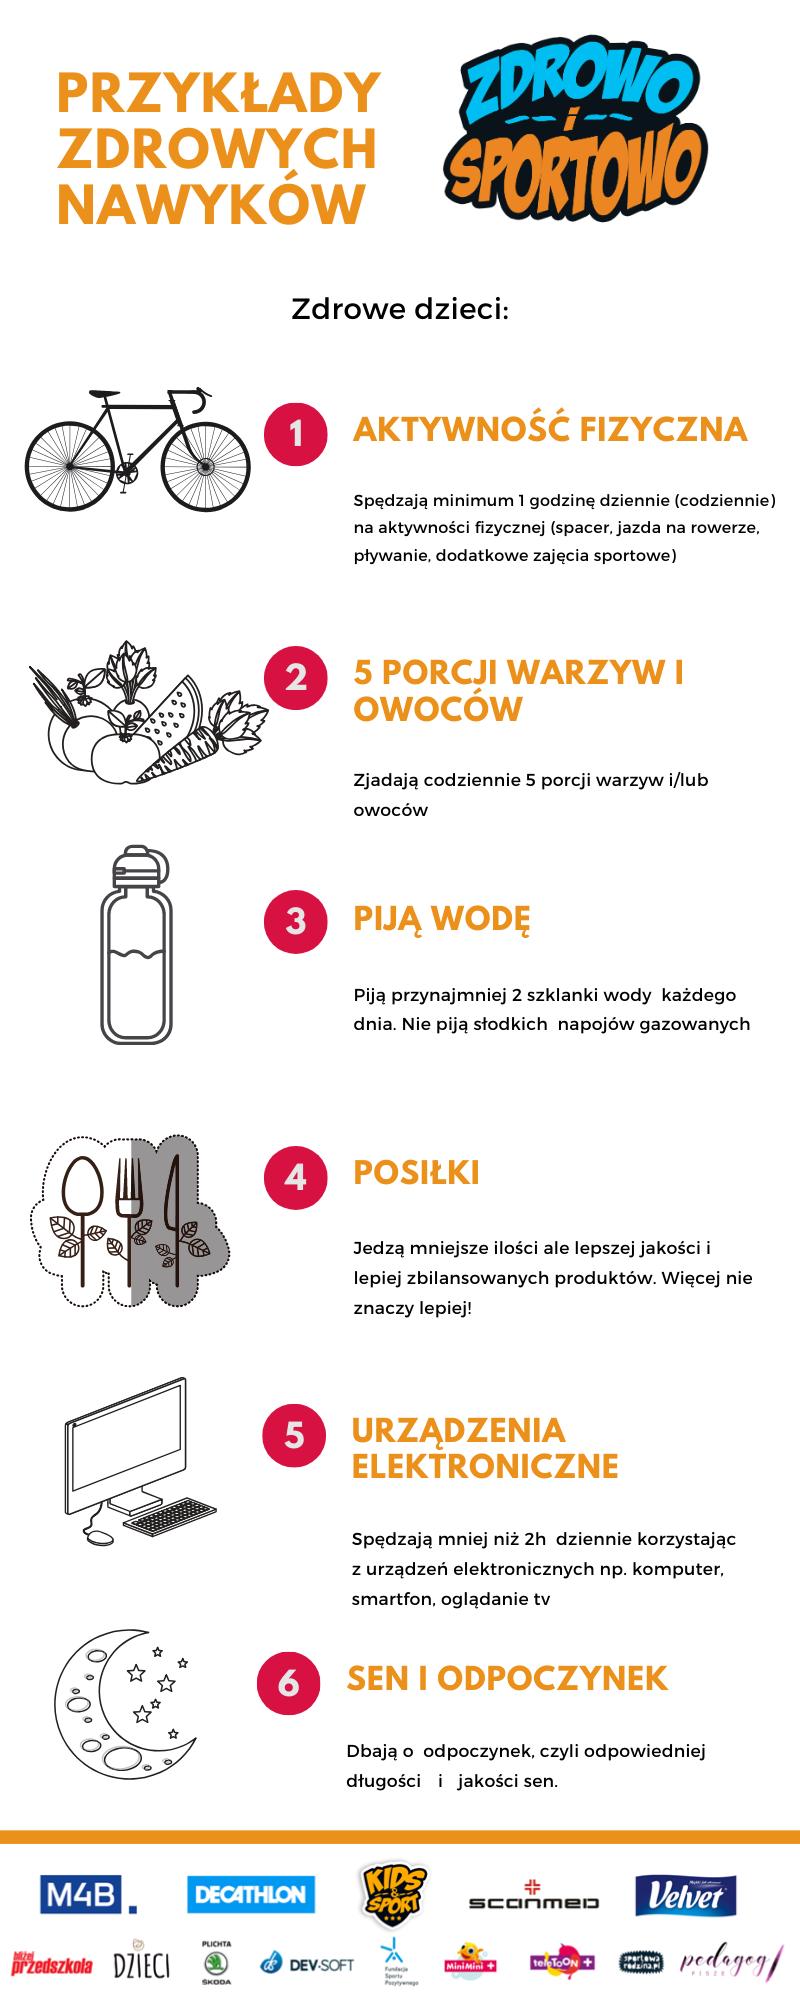 Przyklady_zdrowych_nawykow.png